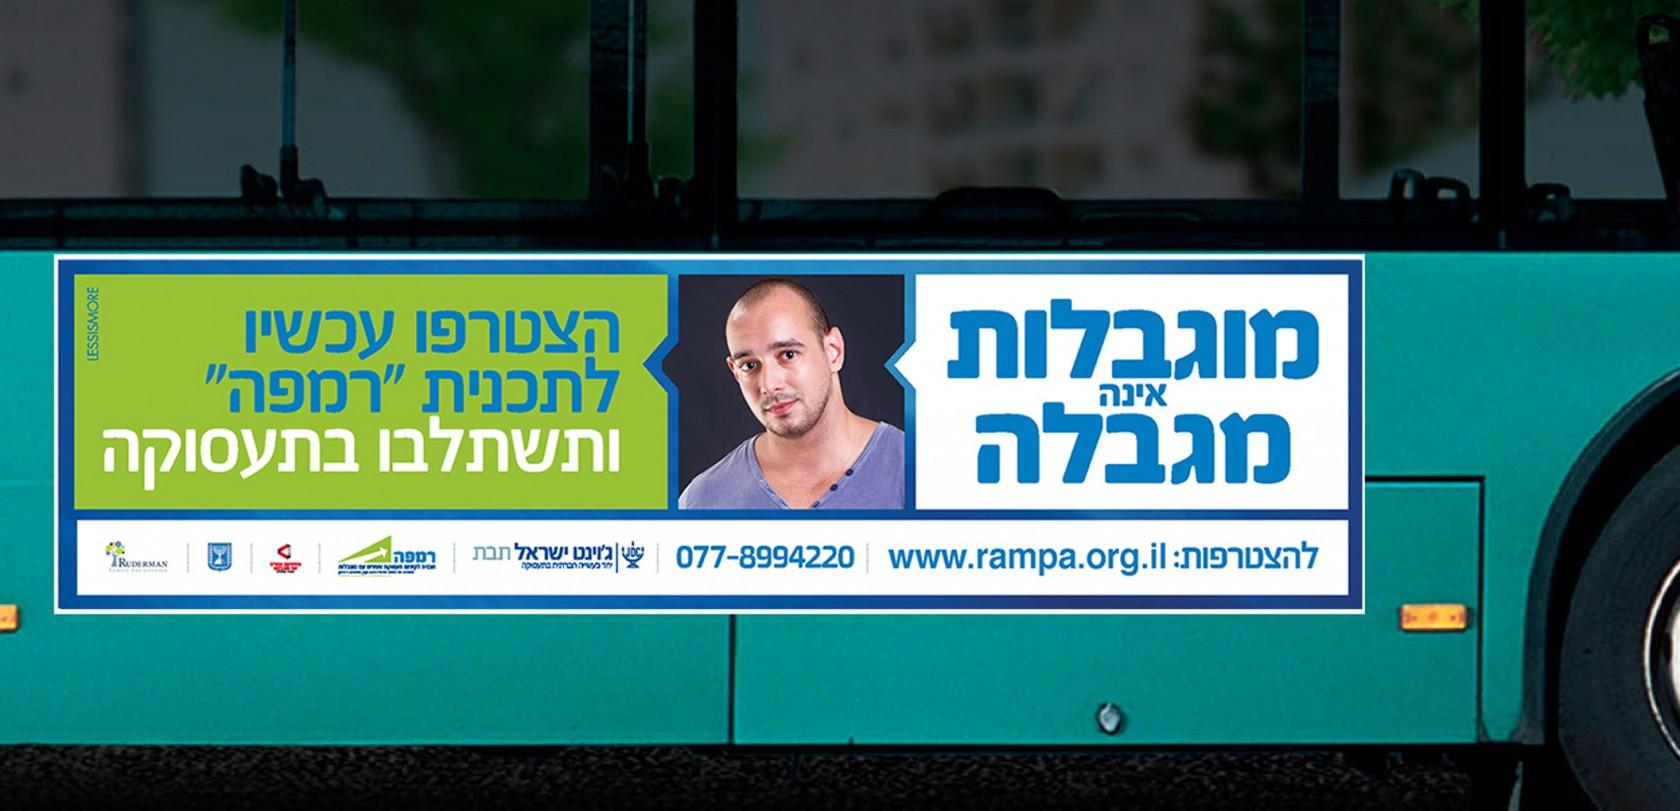 ג׳וינט - רמפה שלט אוטובוס